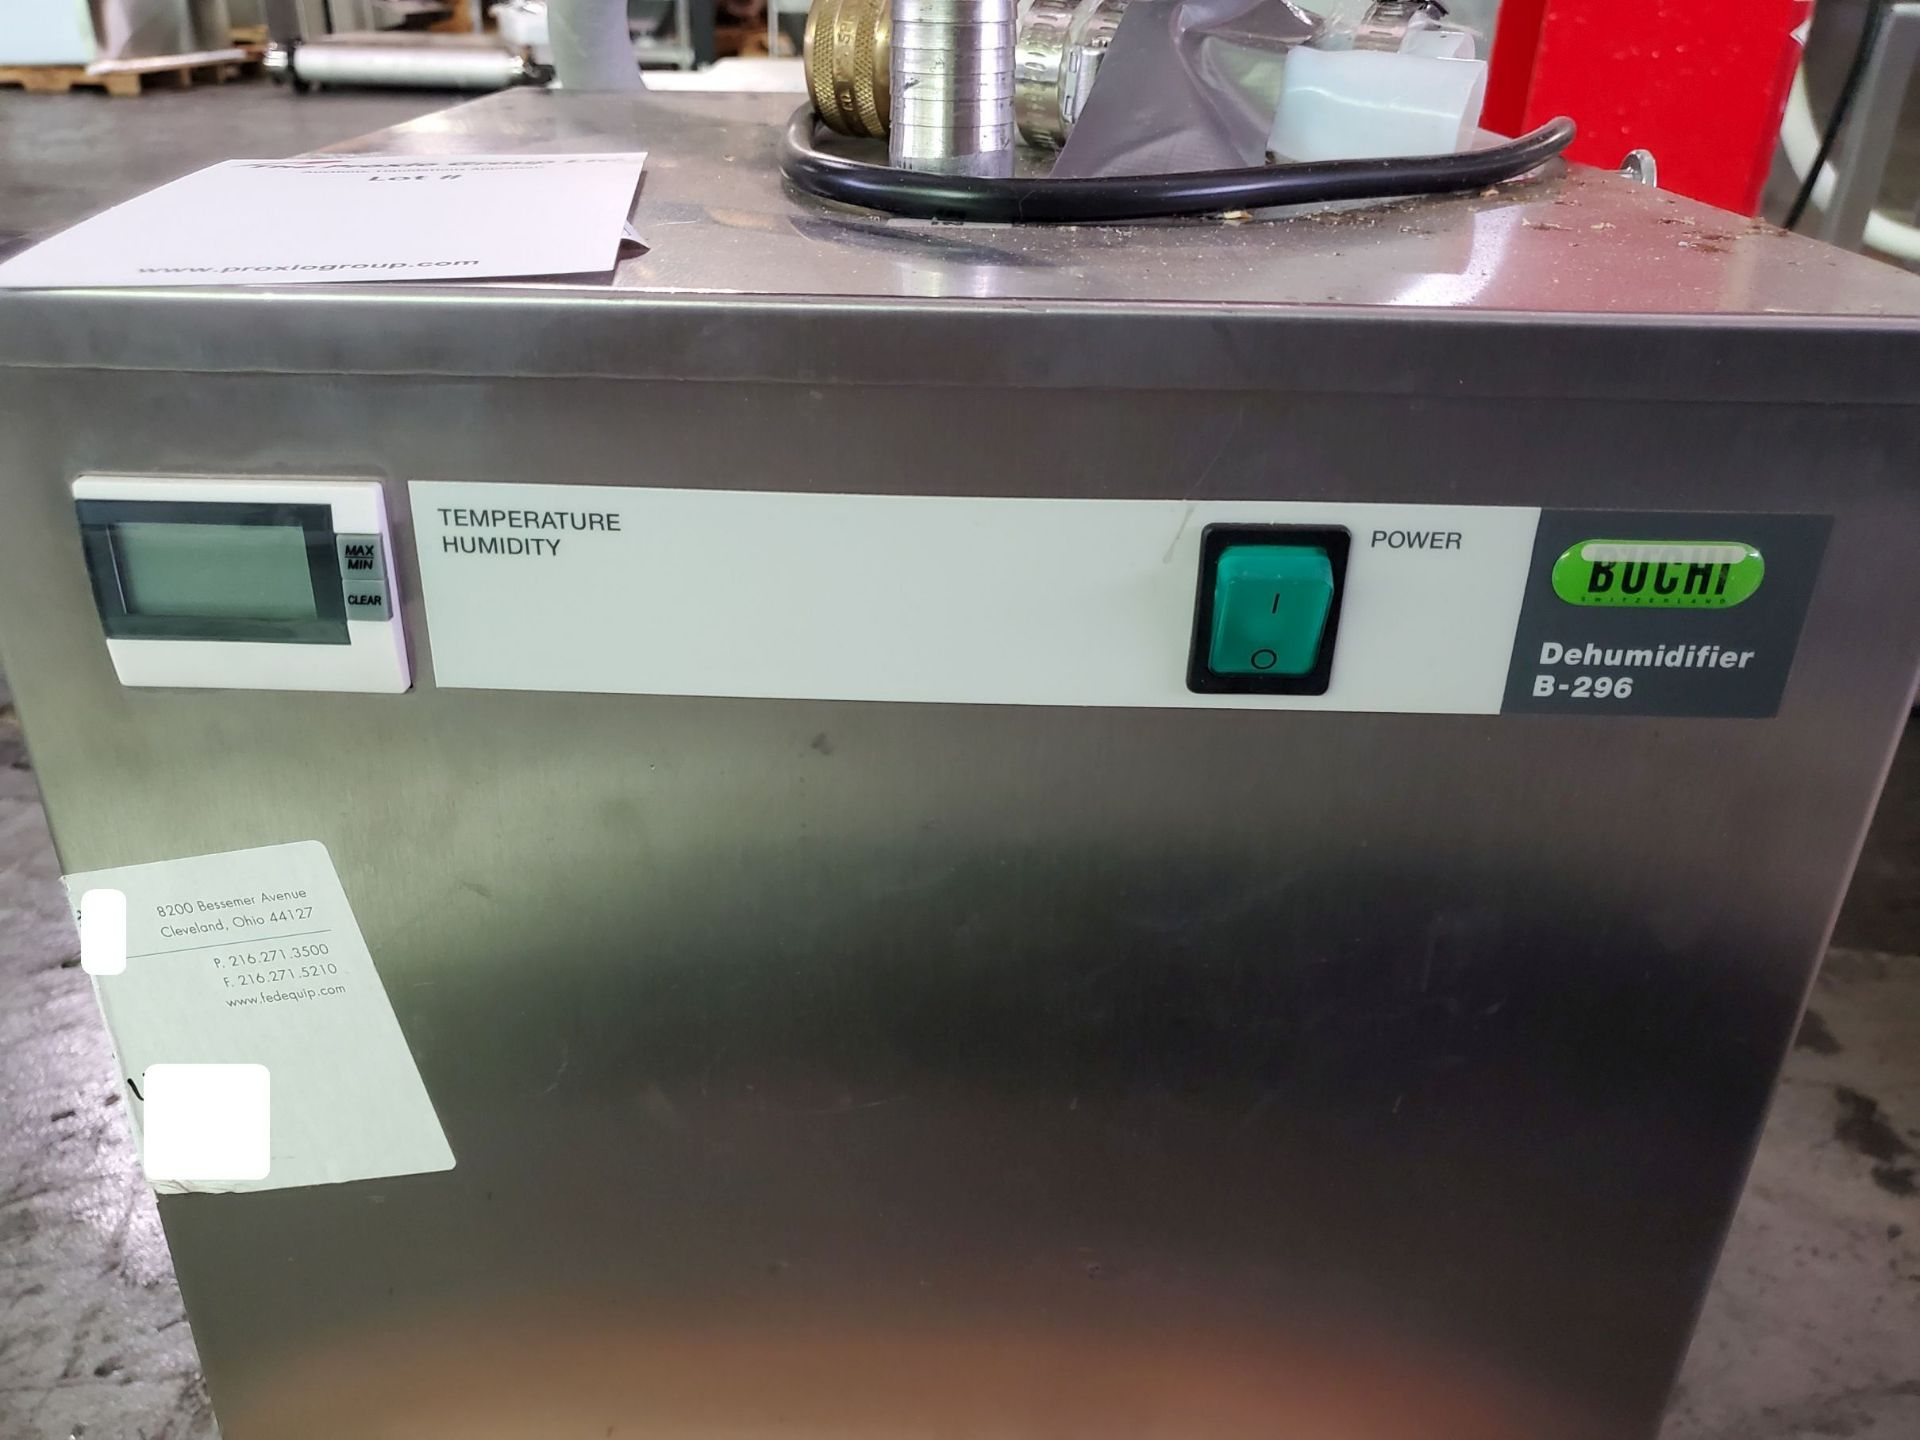 Lot 17 - Buchi Dehumidifier, model B-296, R134A refrigerant, 230 volts, 700 watt, with controls.